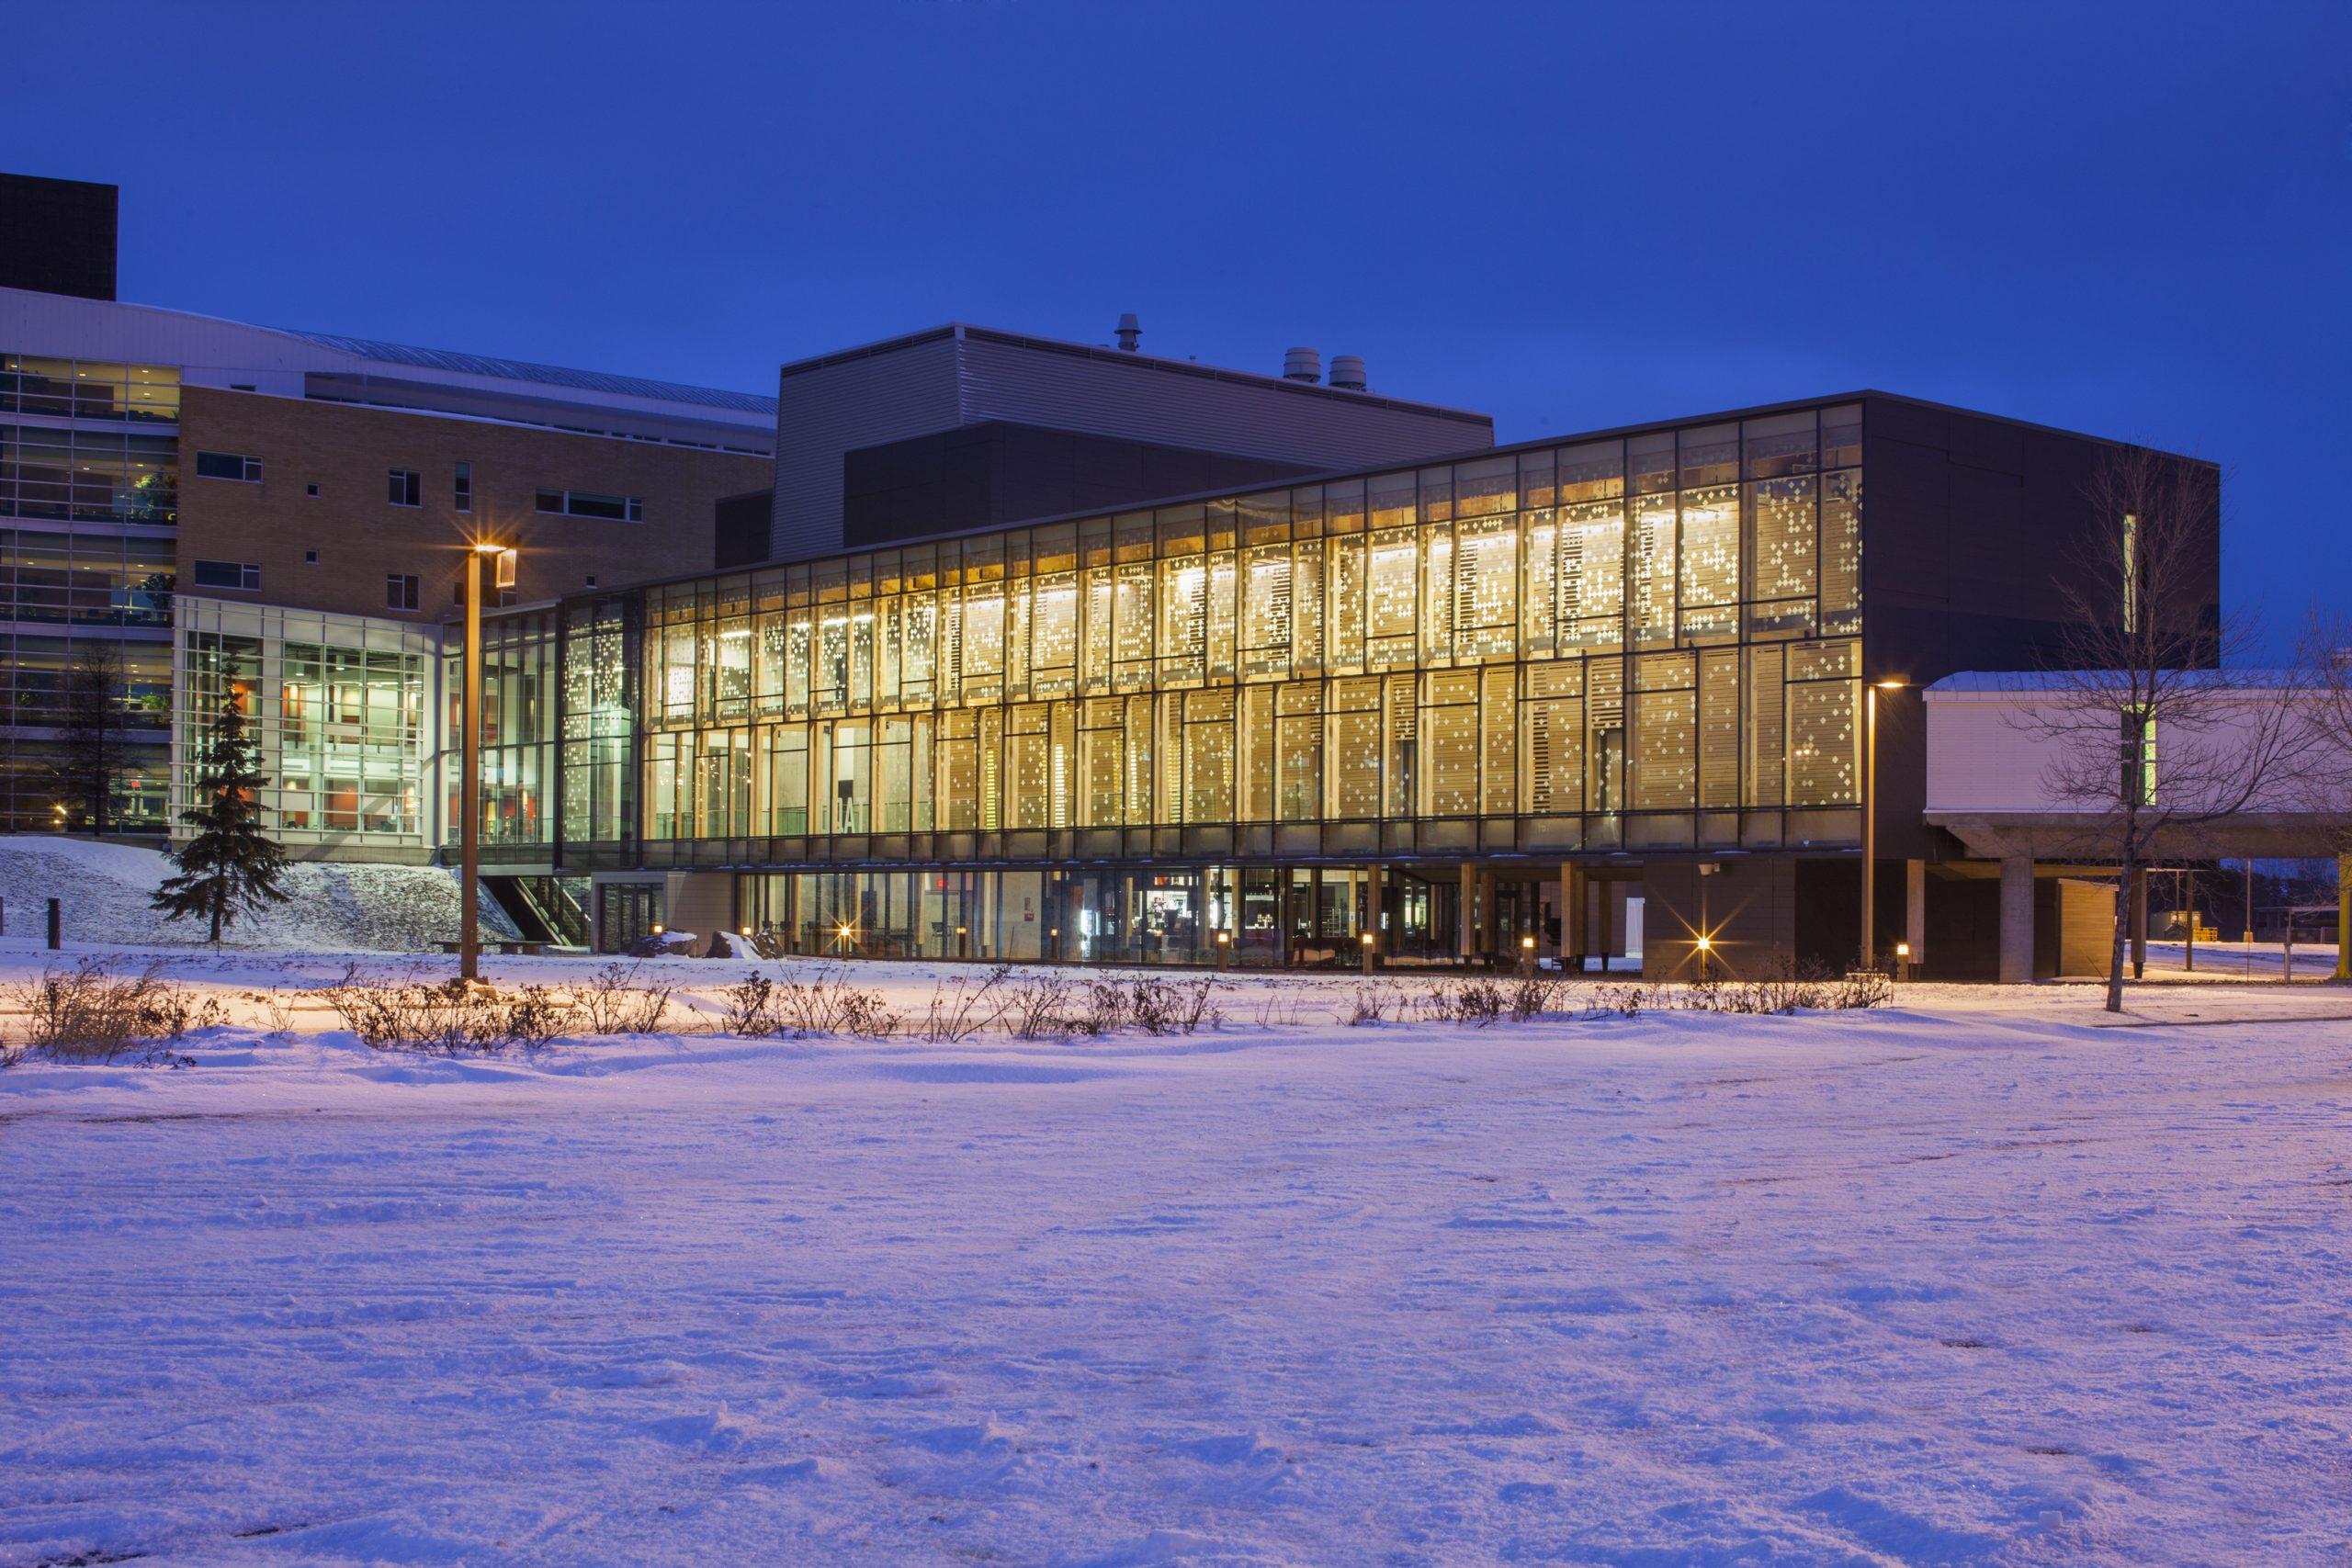 Agrandissement du campus de Rouyn-Noranda de l'UQAT Cecobois 9